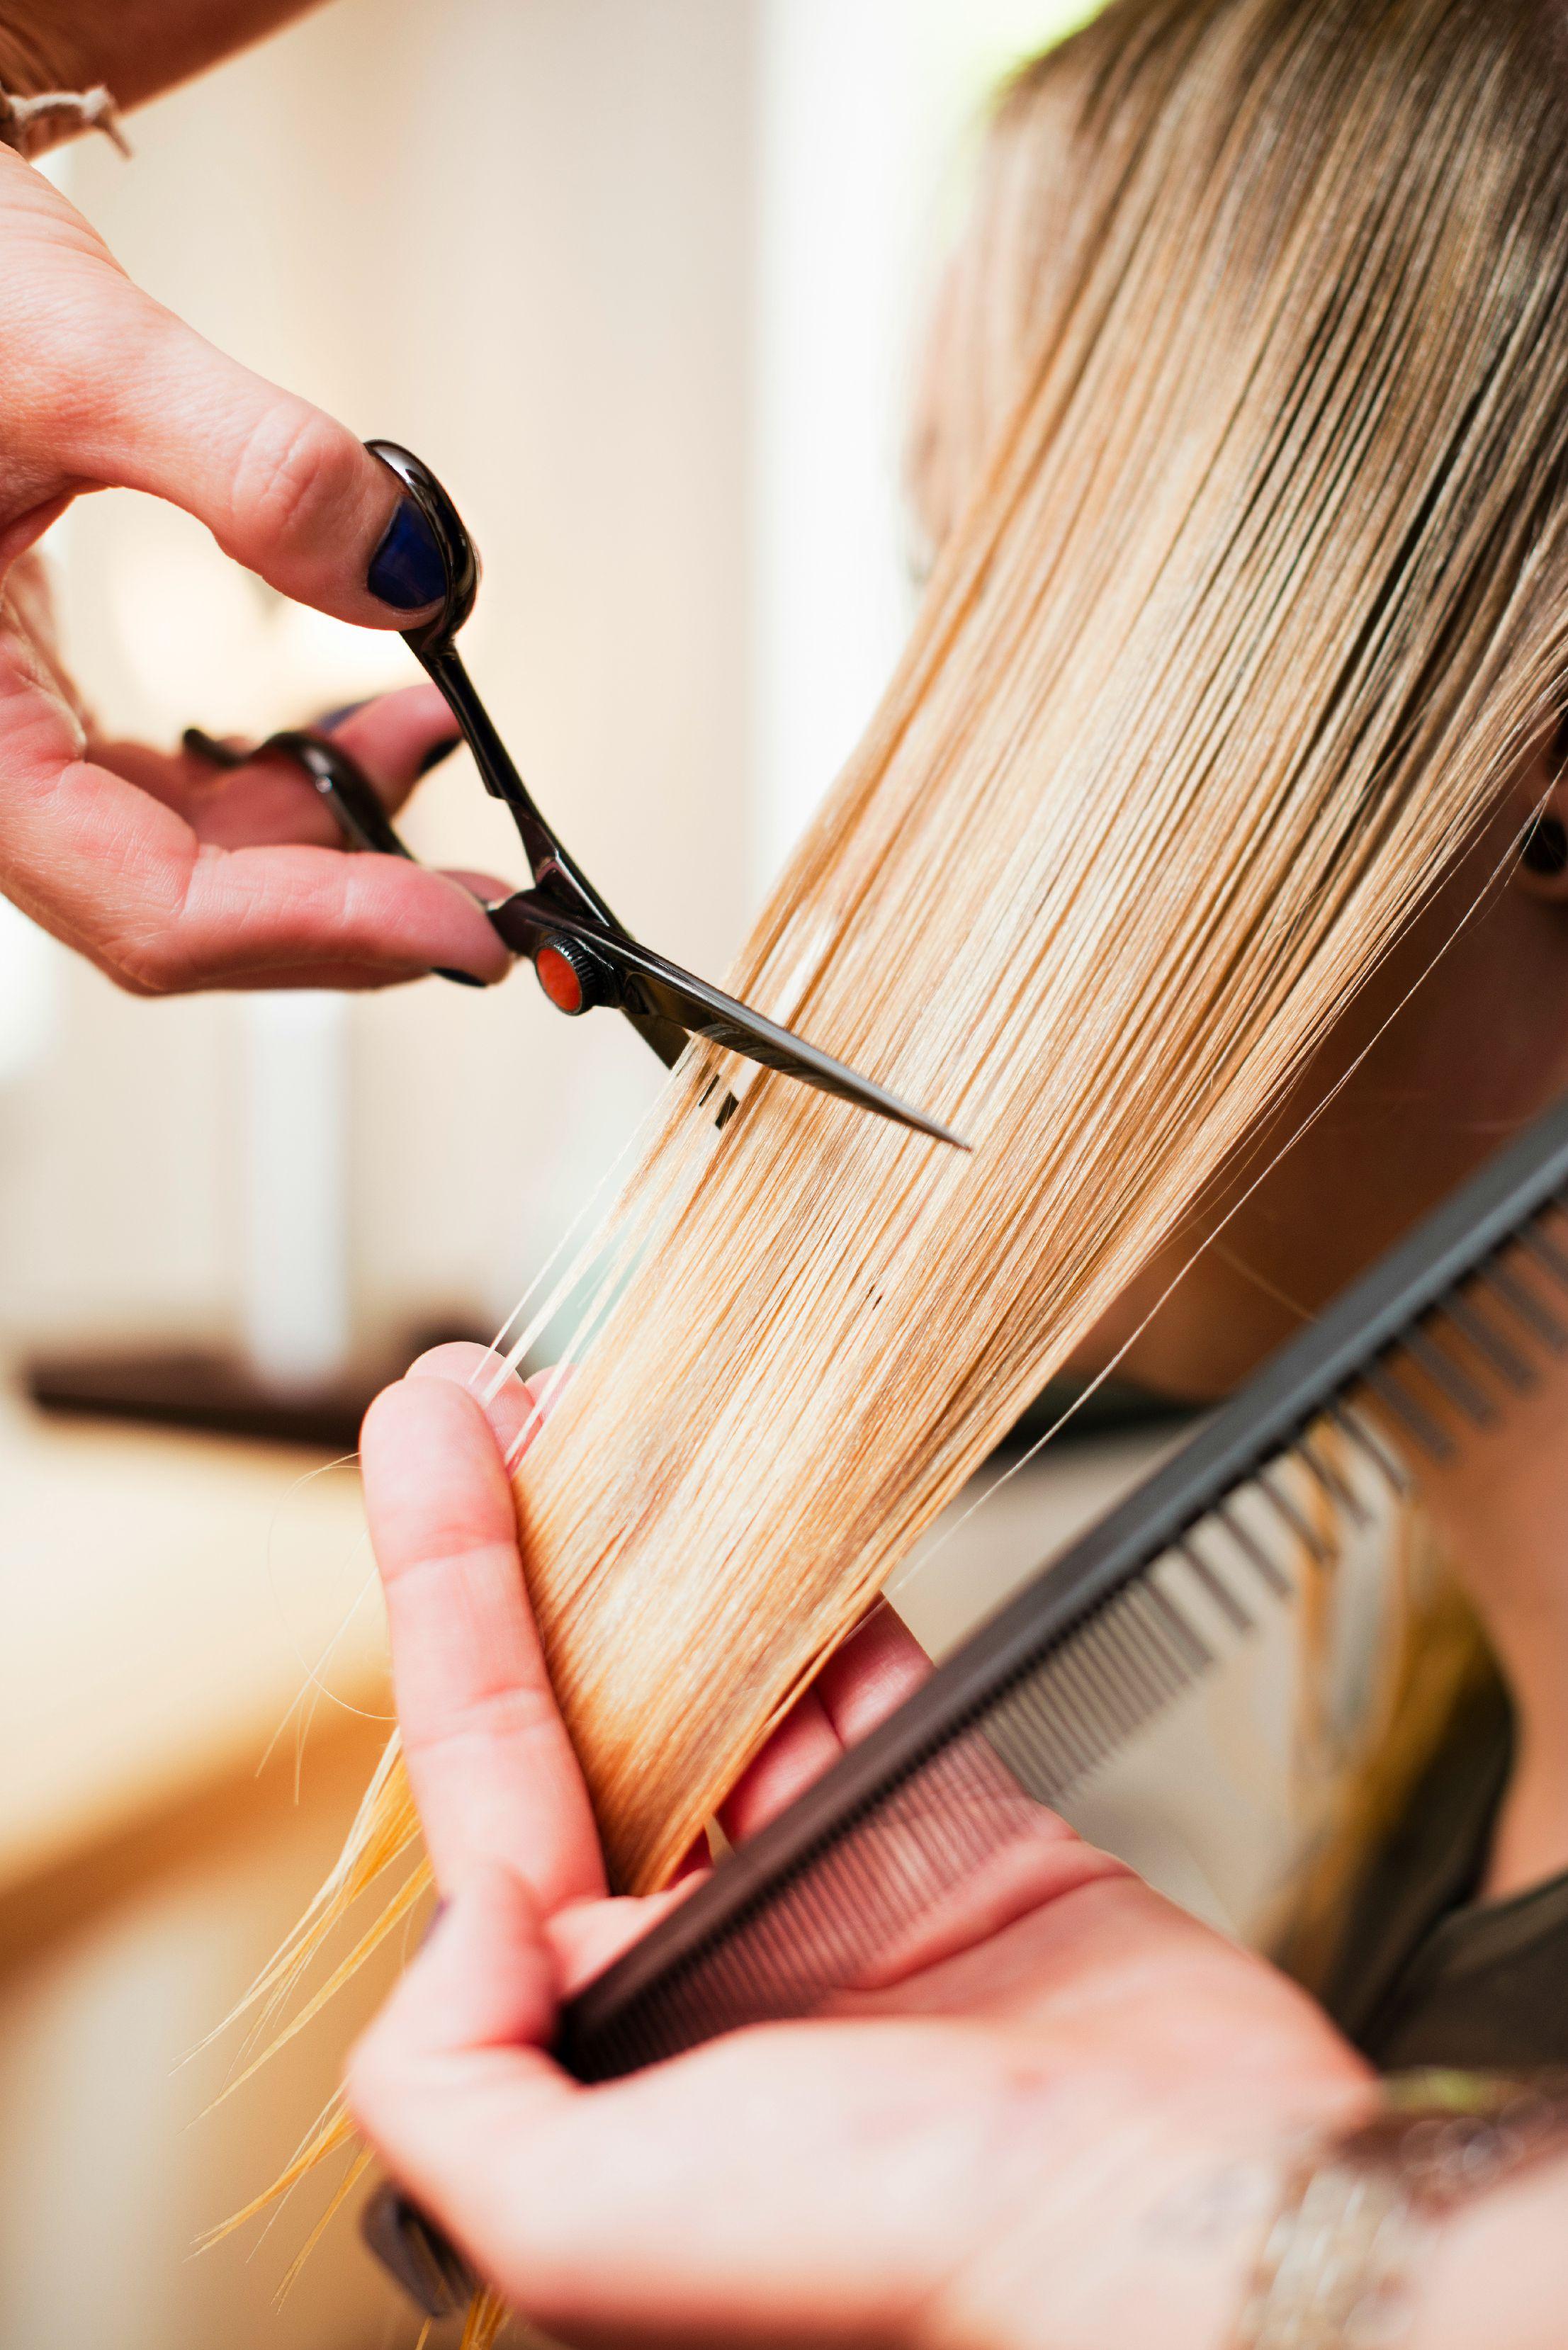 9 Common Hair Care Myths